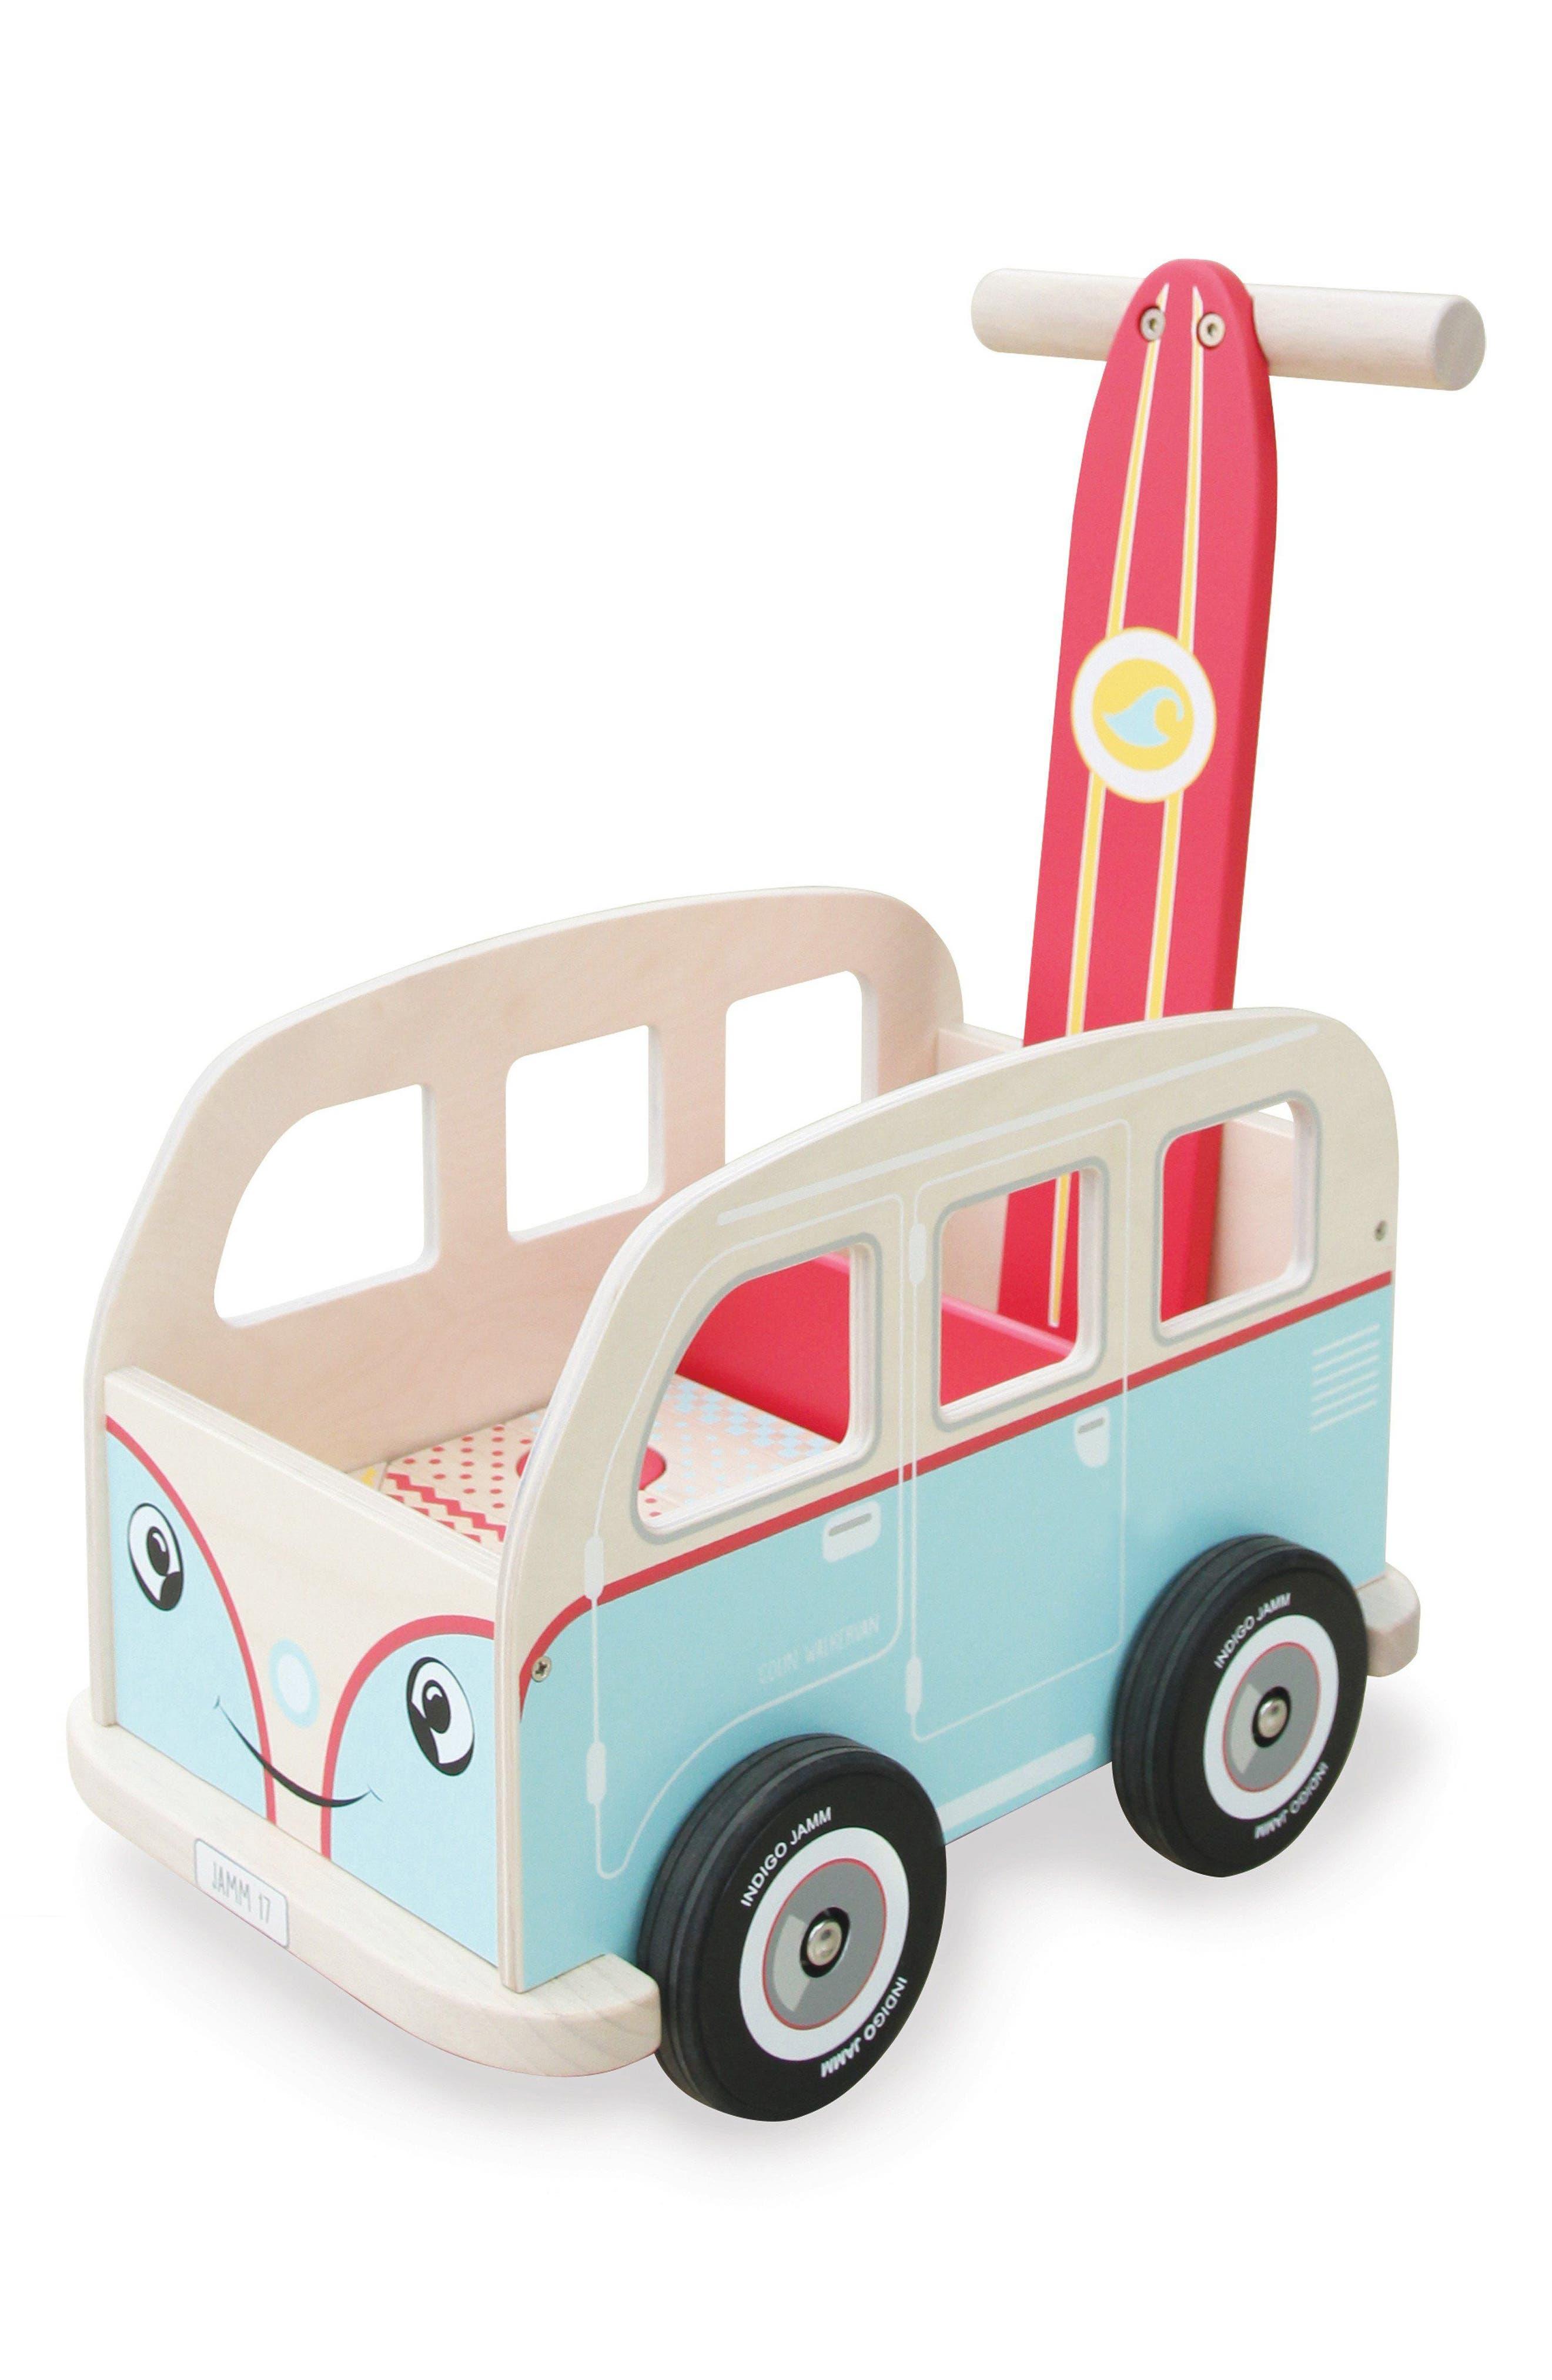 Van Push Toy,                         Main,                         color, Blue